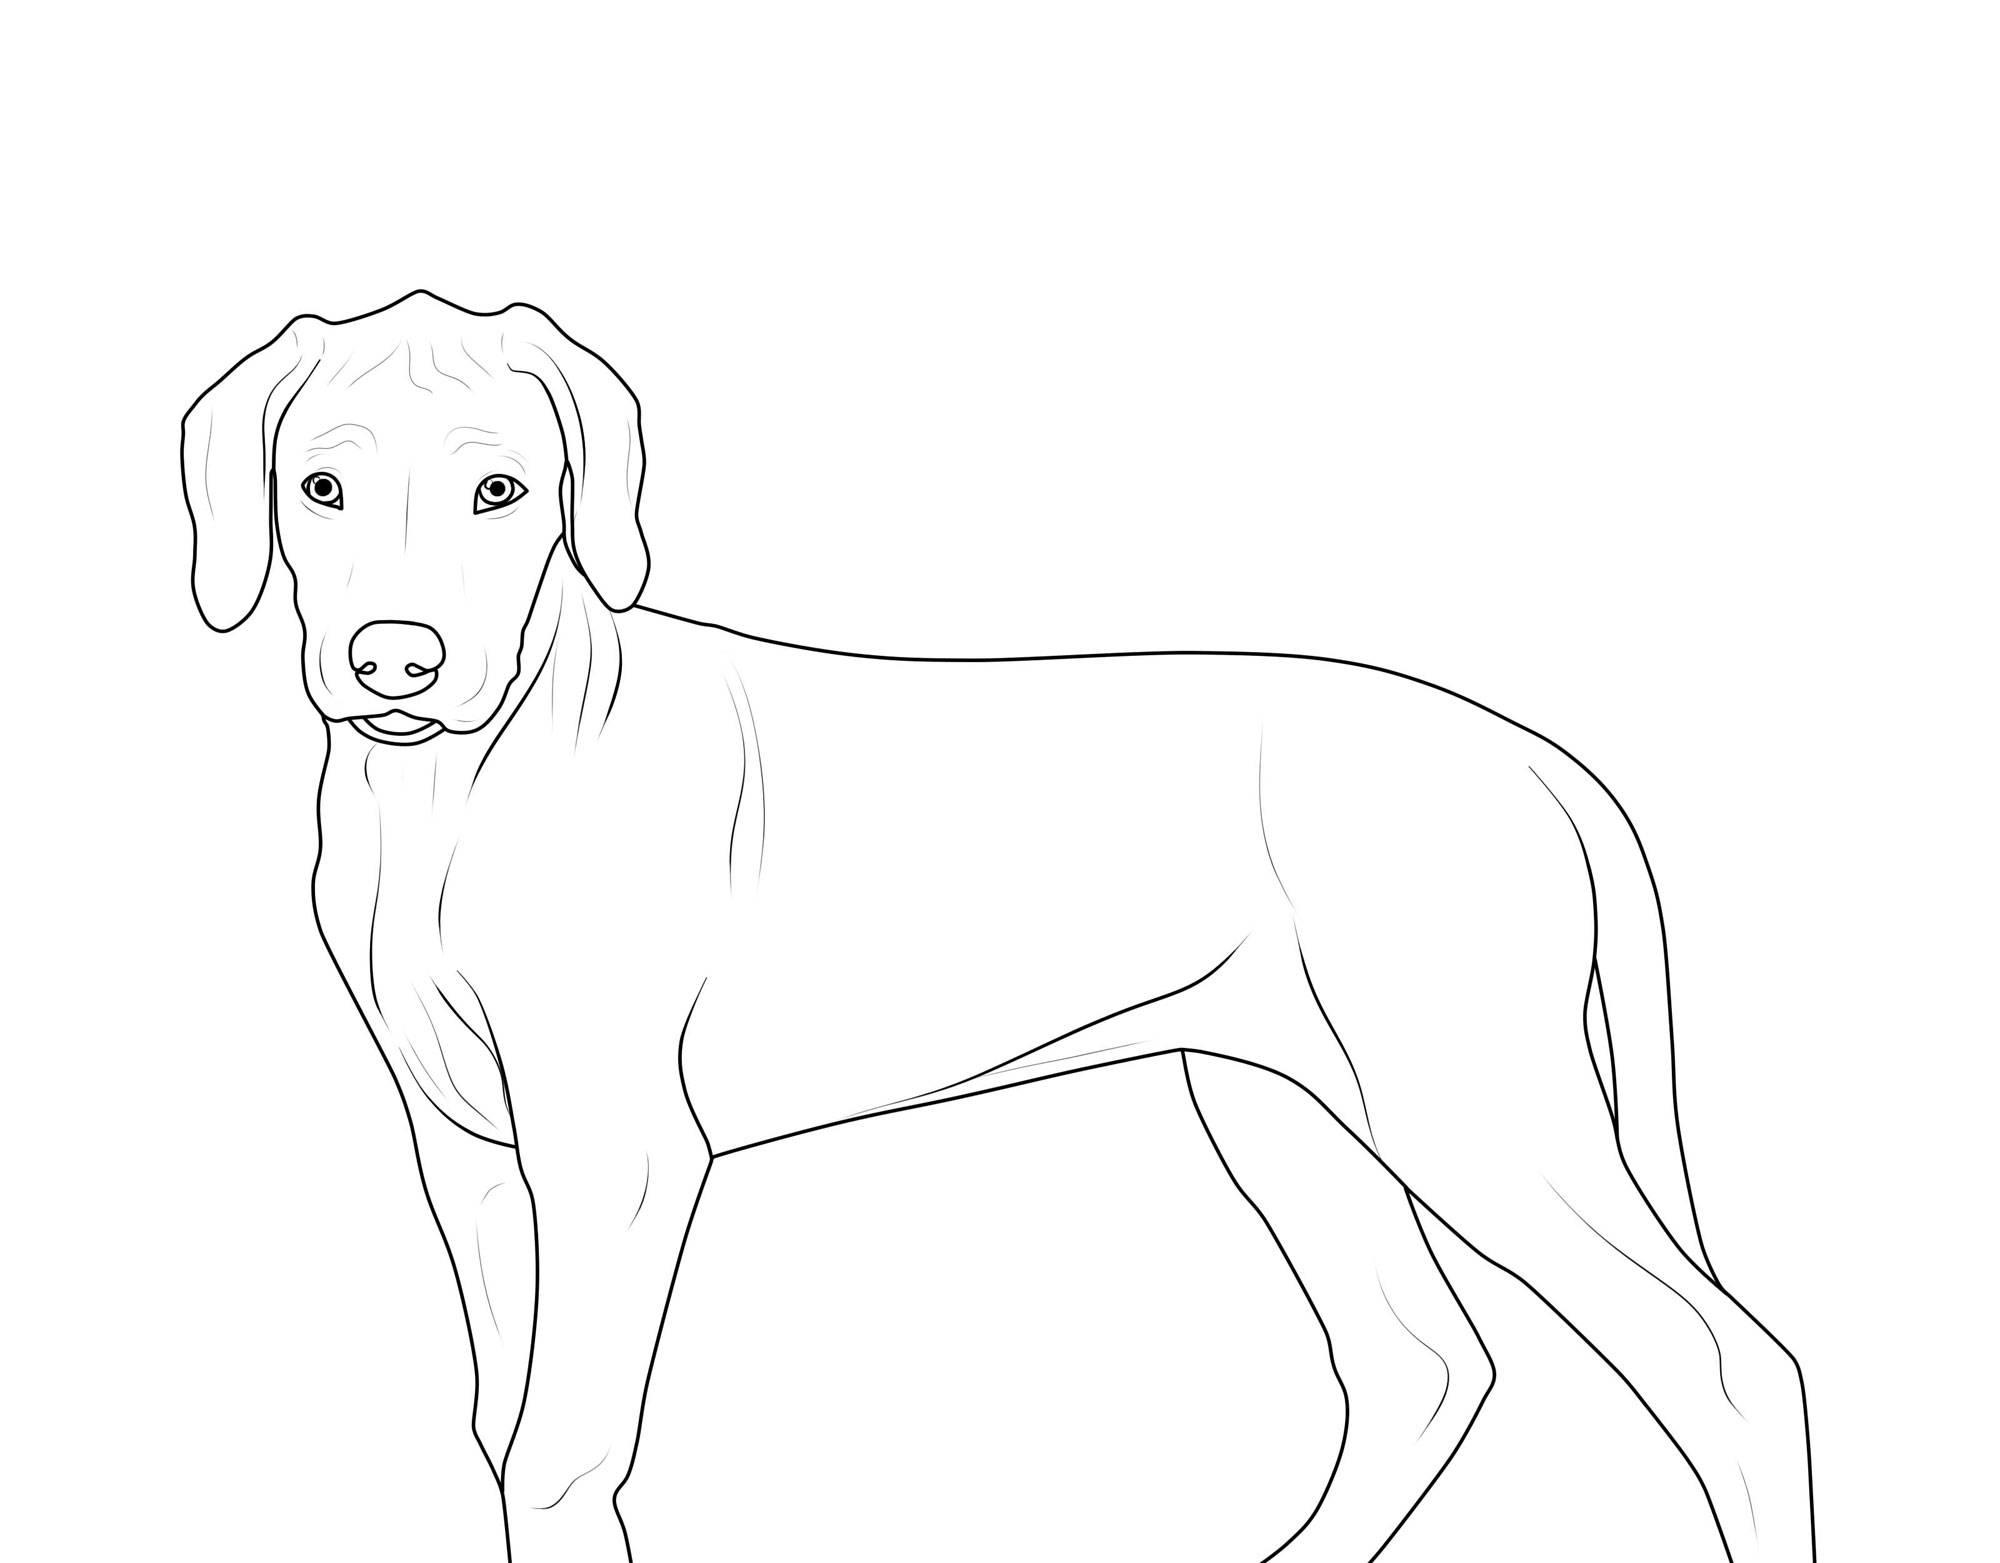 Ausdrucken Malvorlage Hund - Kinder zeichnen und ausmalen